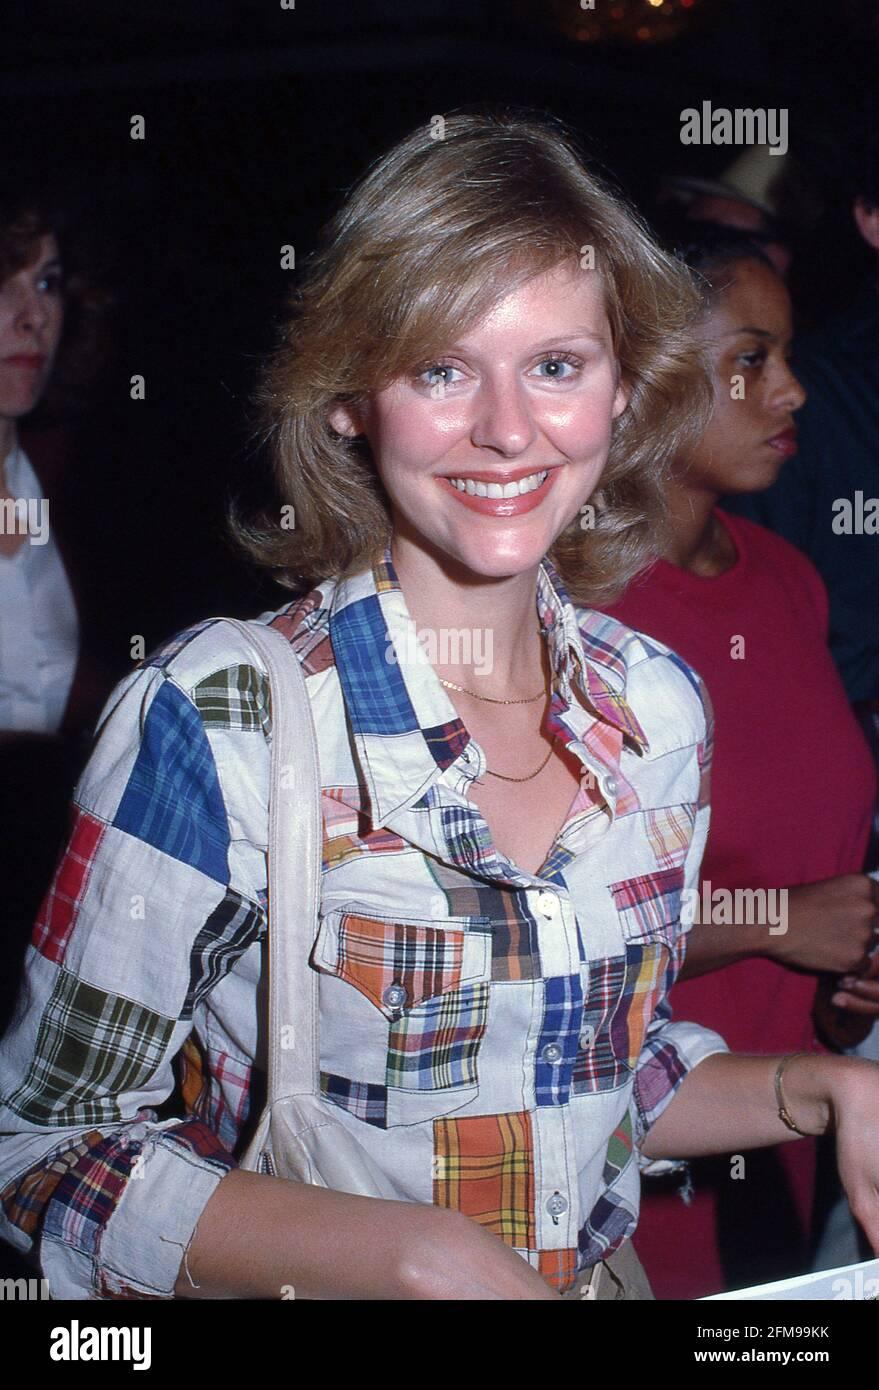 Marla Pennington Circa années 80 crédit: Ralph Dominguez/MediaPunch Banque D'Images